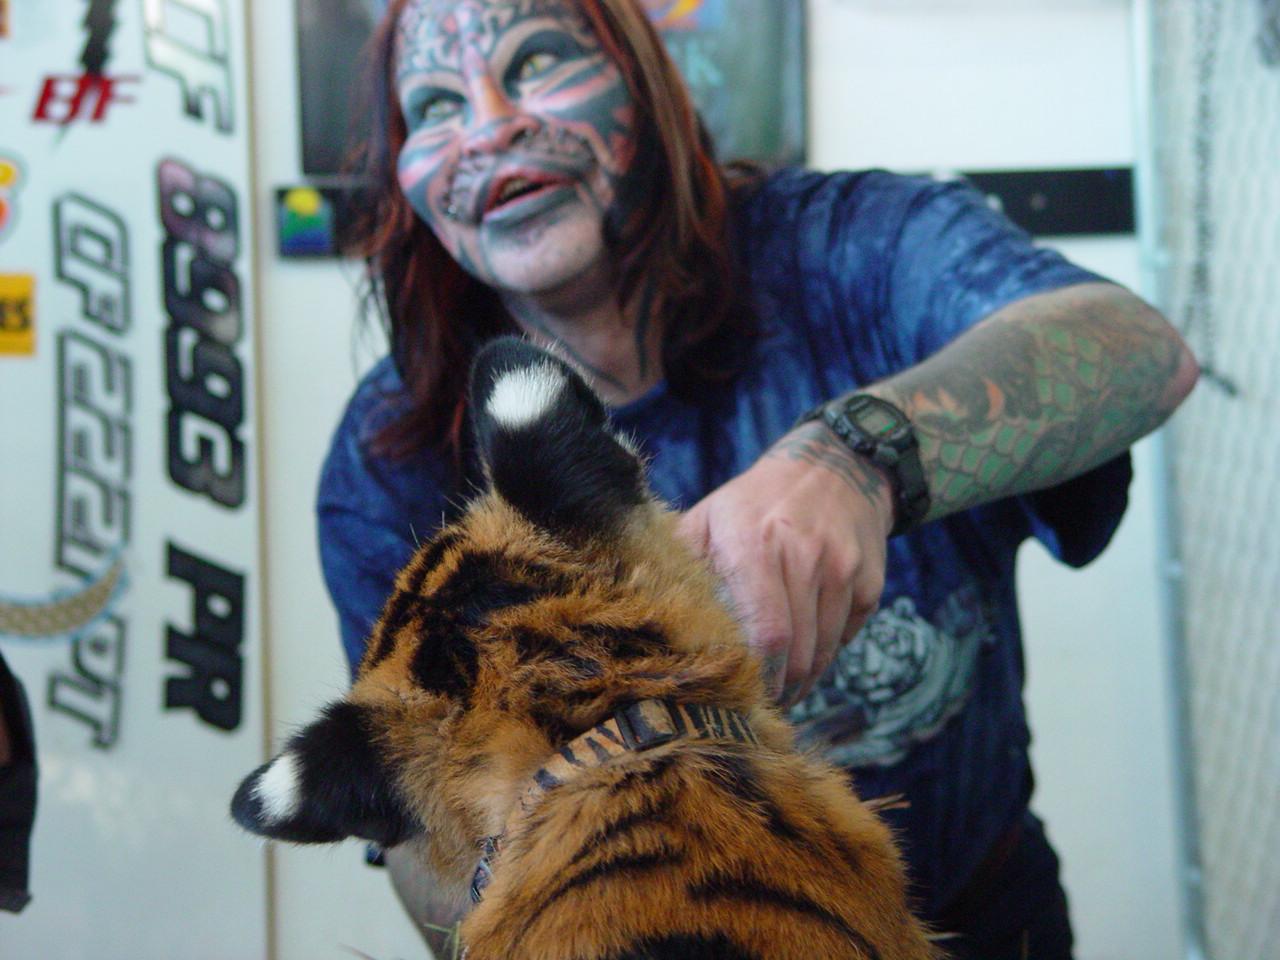 Dennis Cat Avner